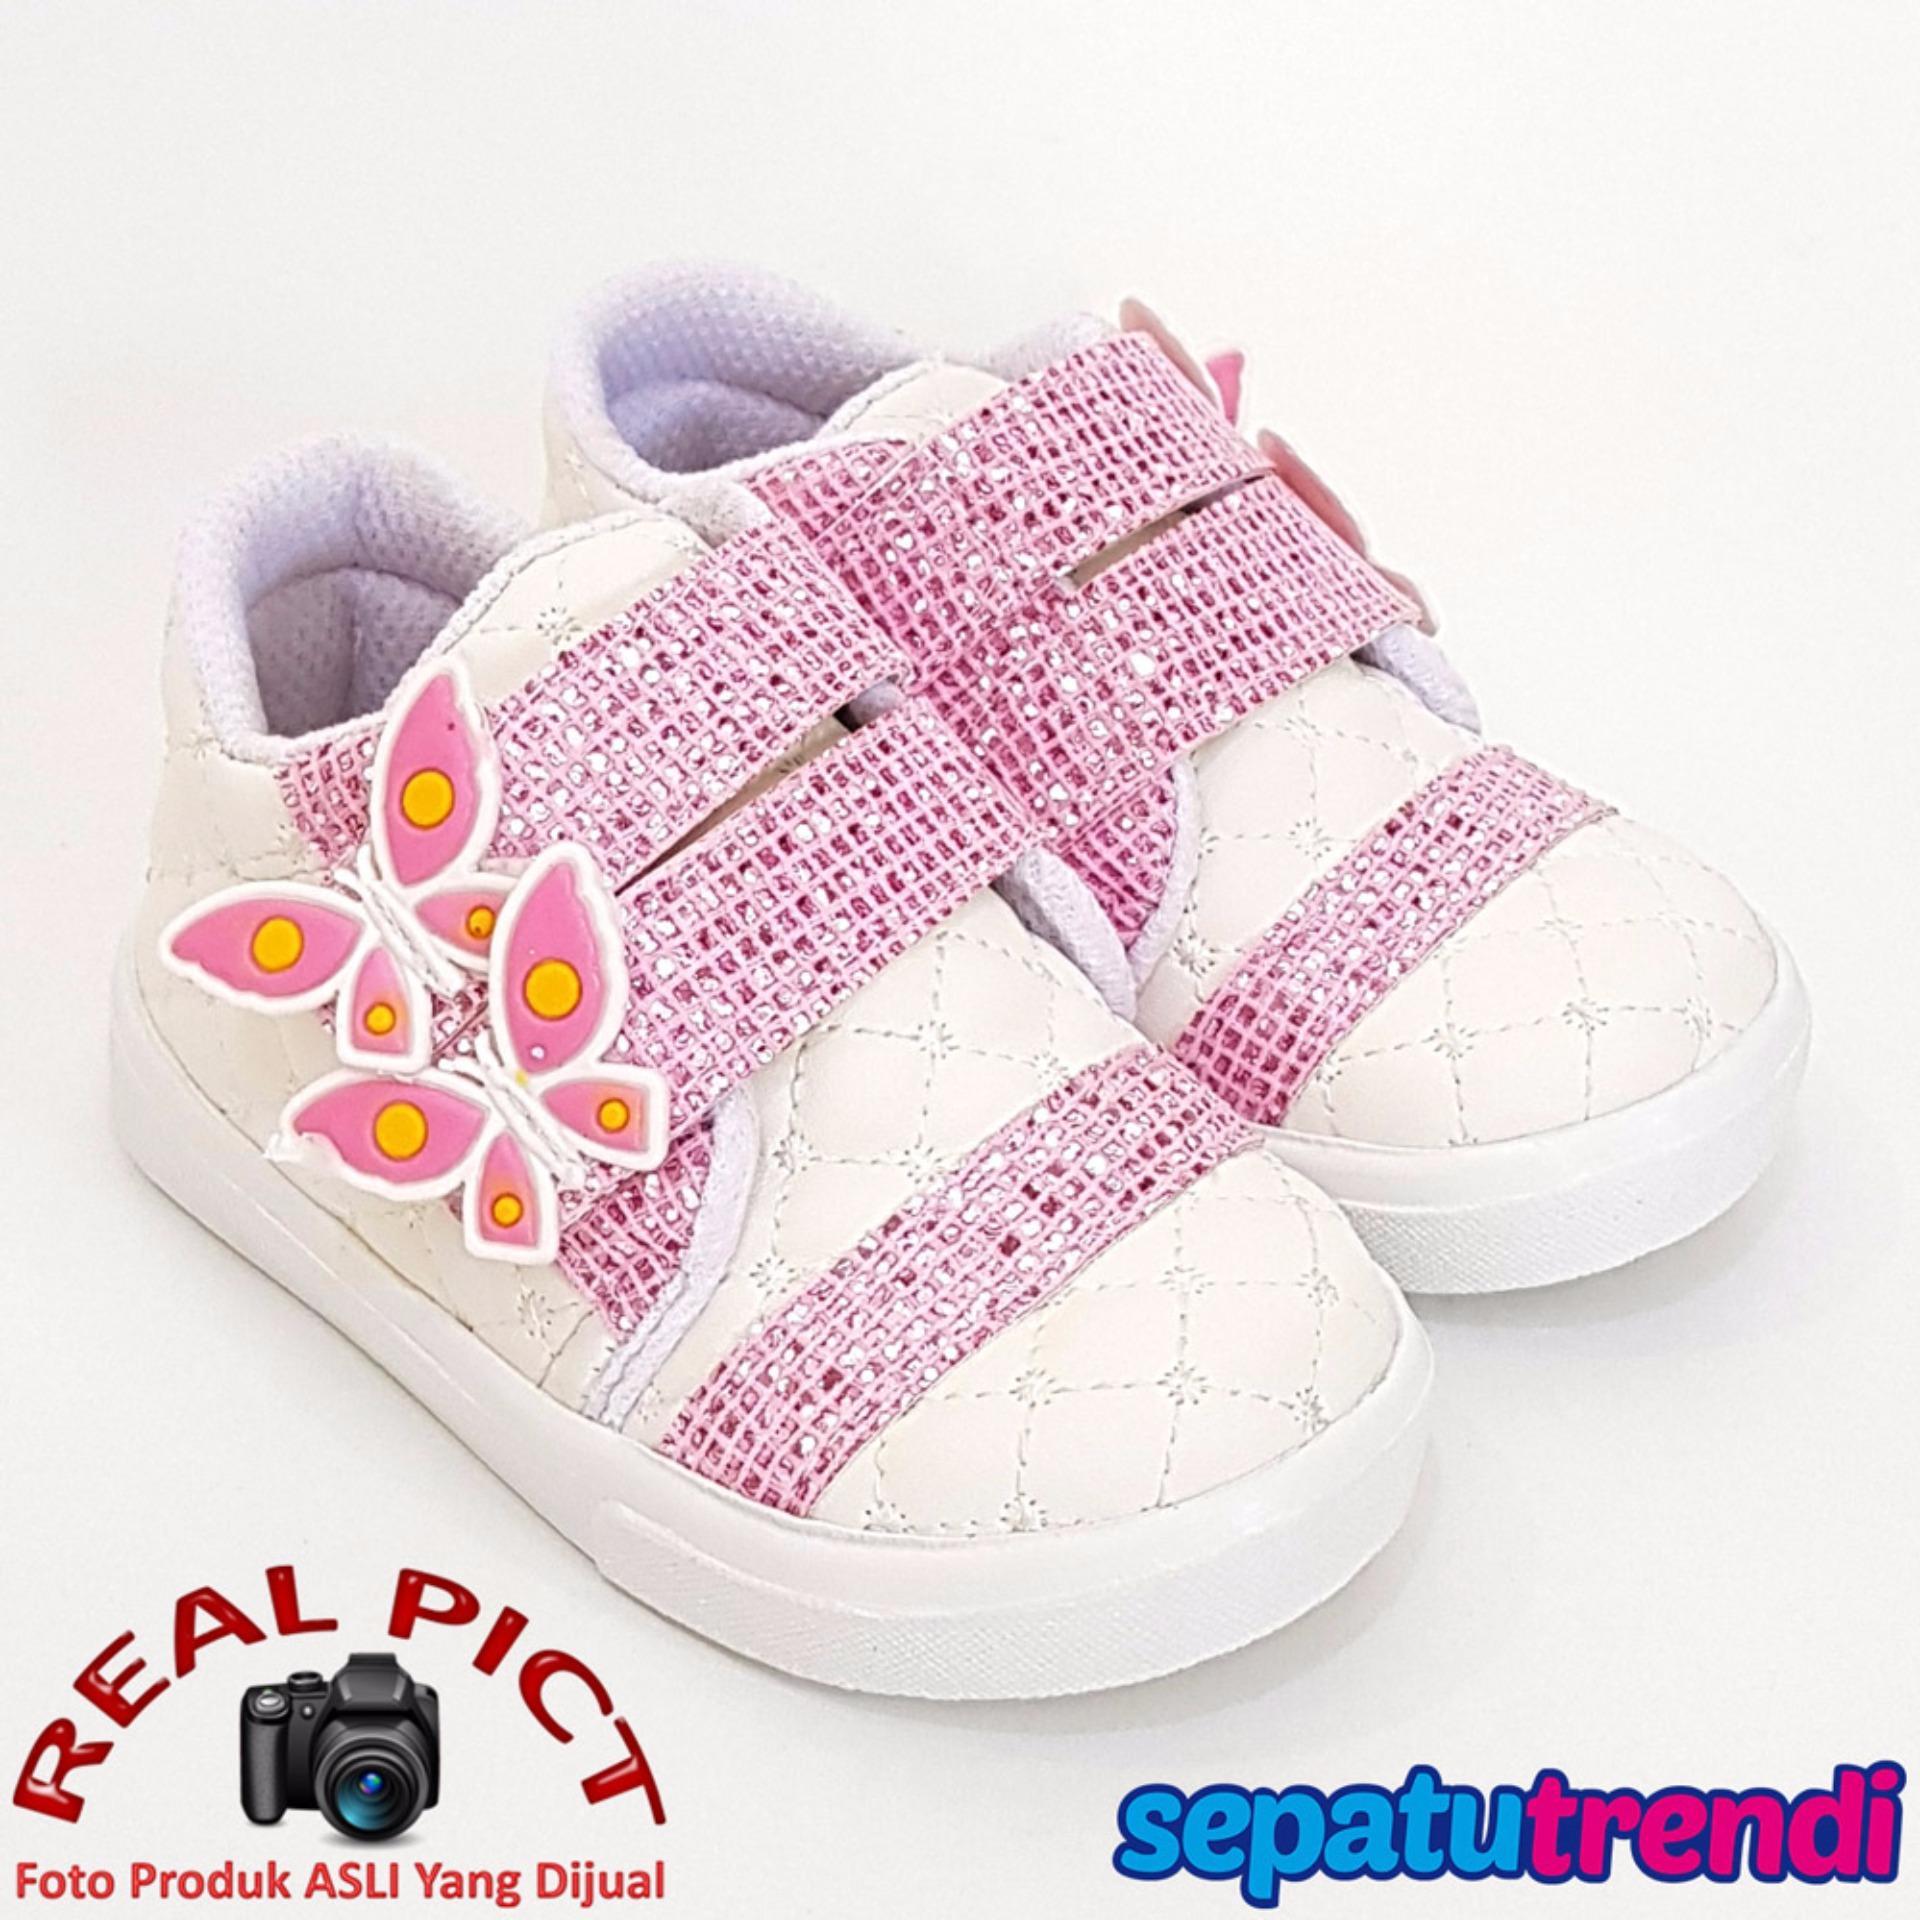 Jual Beli Online Trendishoes Sepatu Anak Perempuan Kpwj Putih Pink